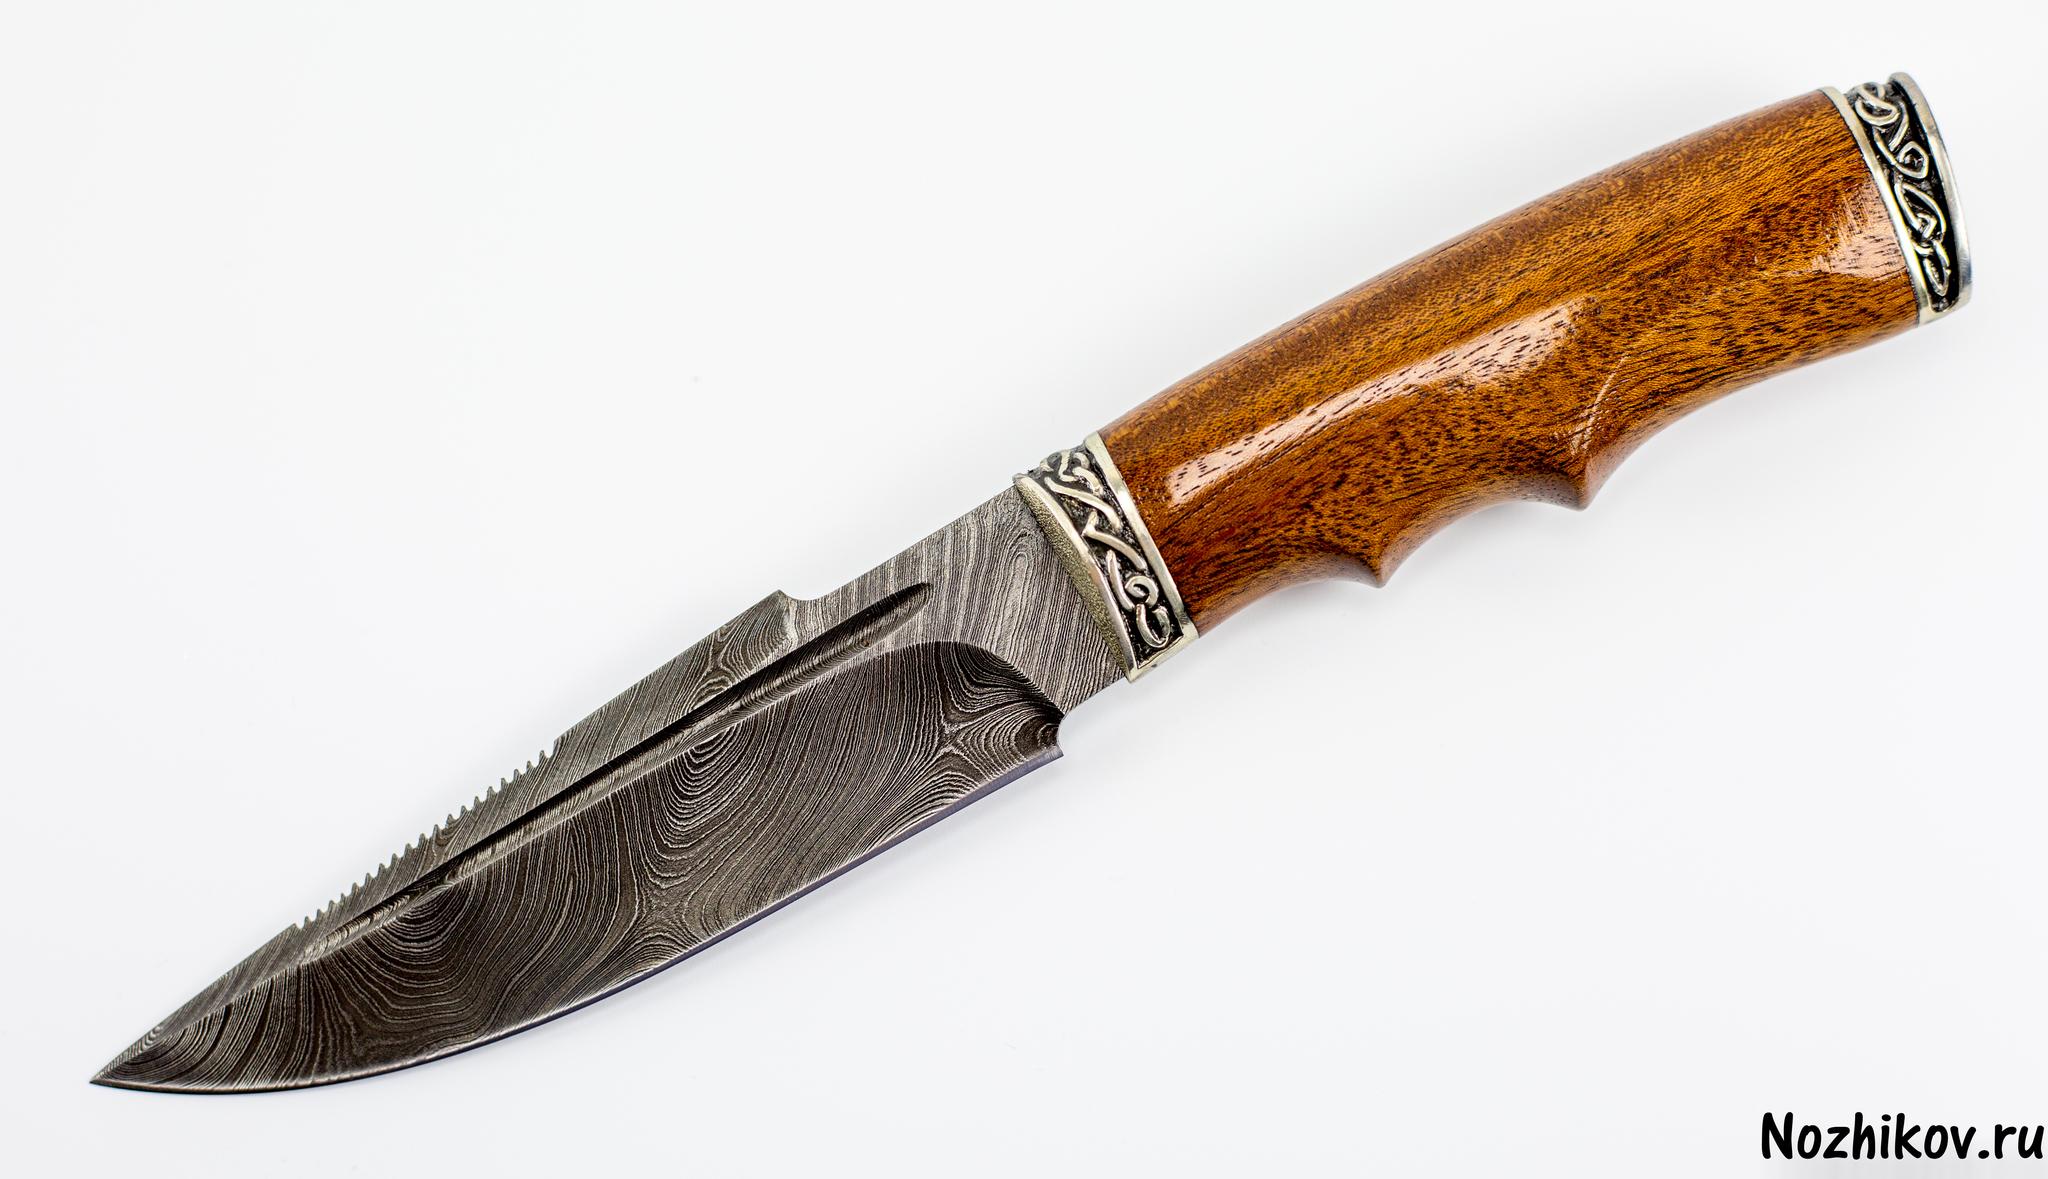 Авторский Нож из Дамаска №8, Кизляр